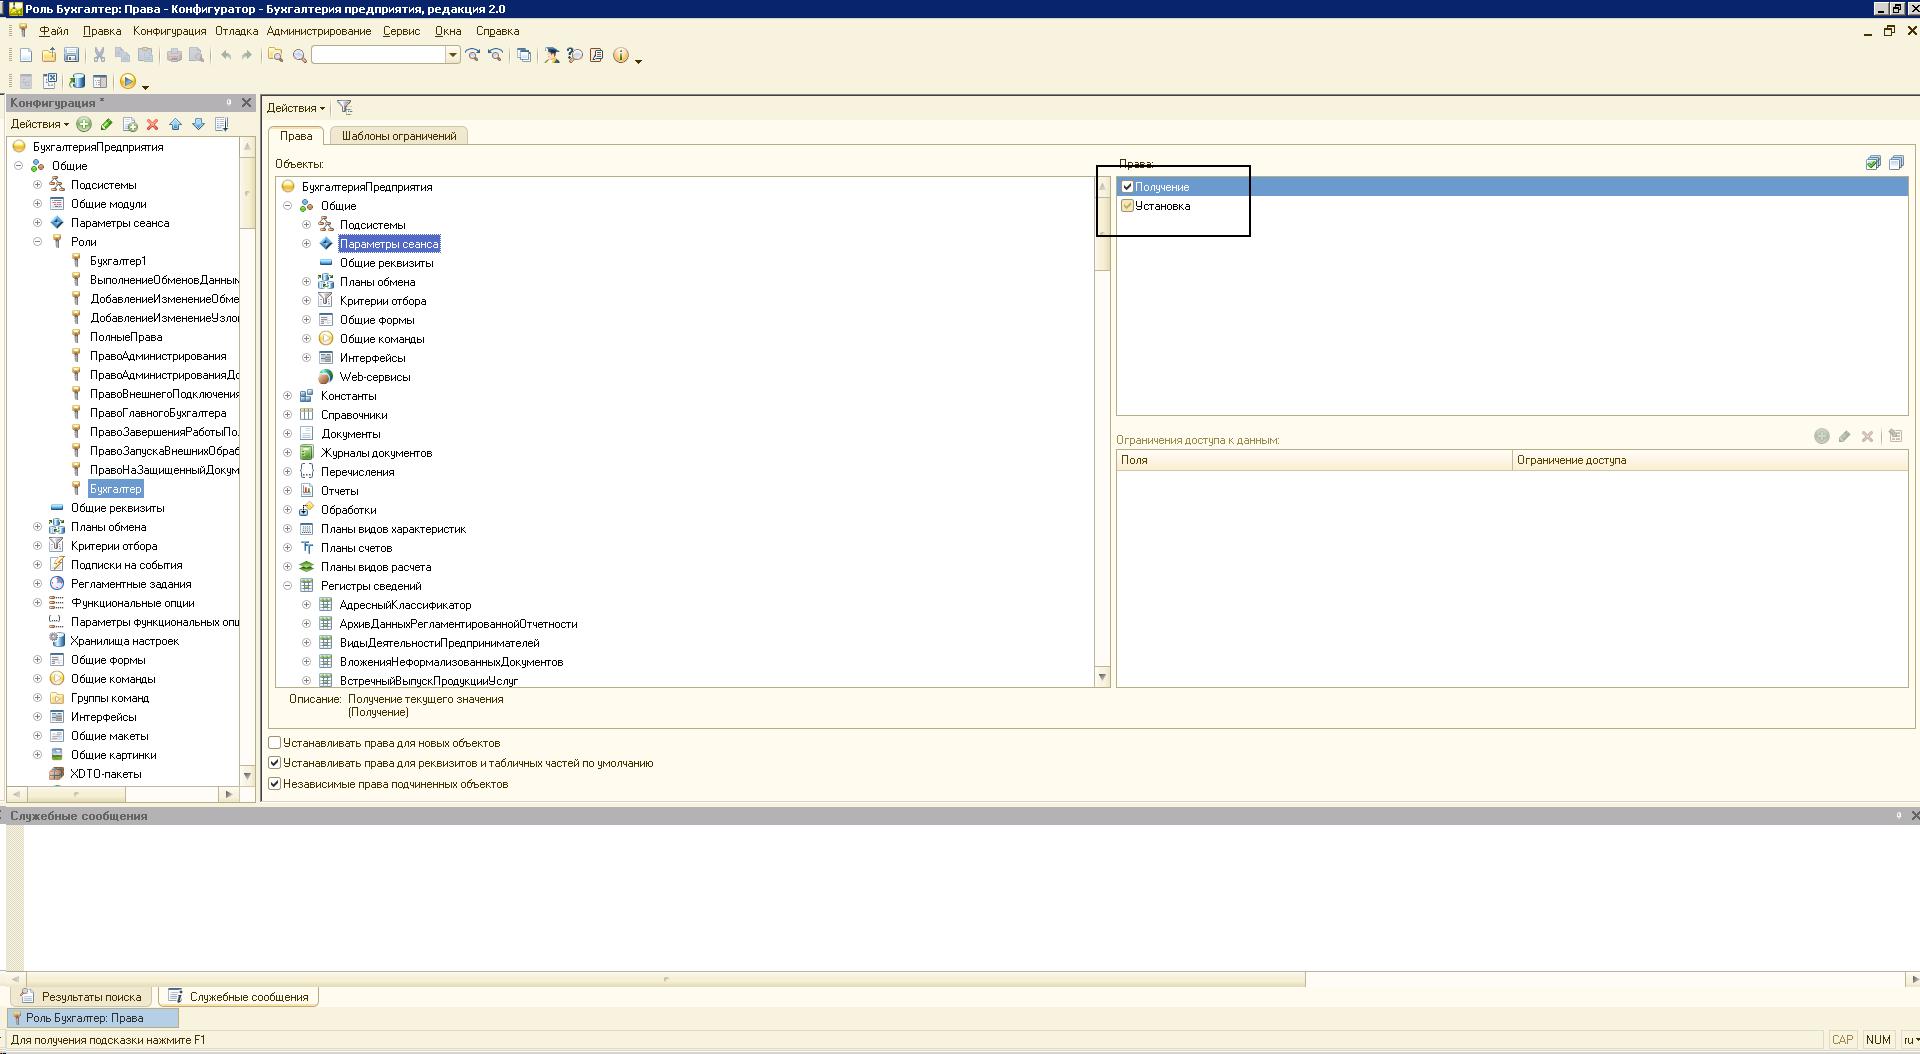 Настройка терминального доступа 1с 8.2 установка и настройка hasp ключа защиты 1с